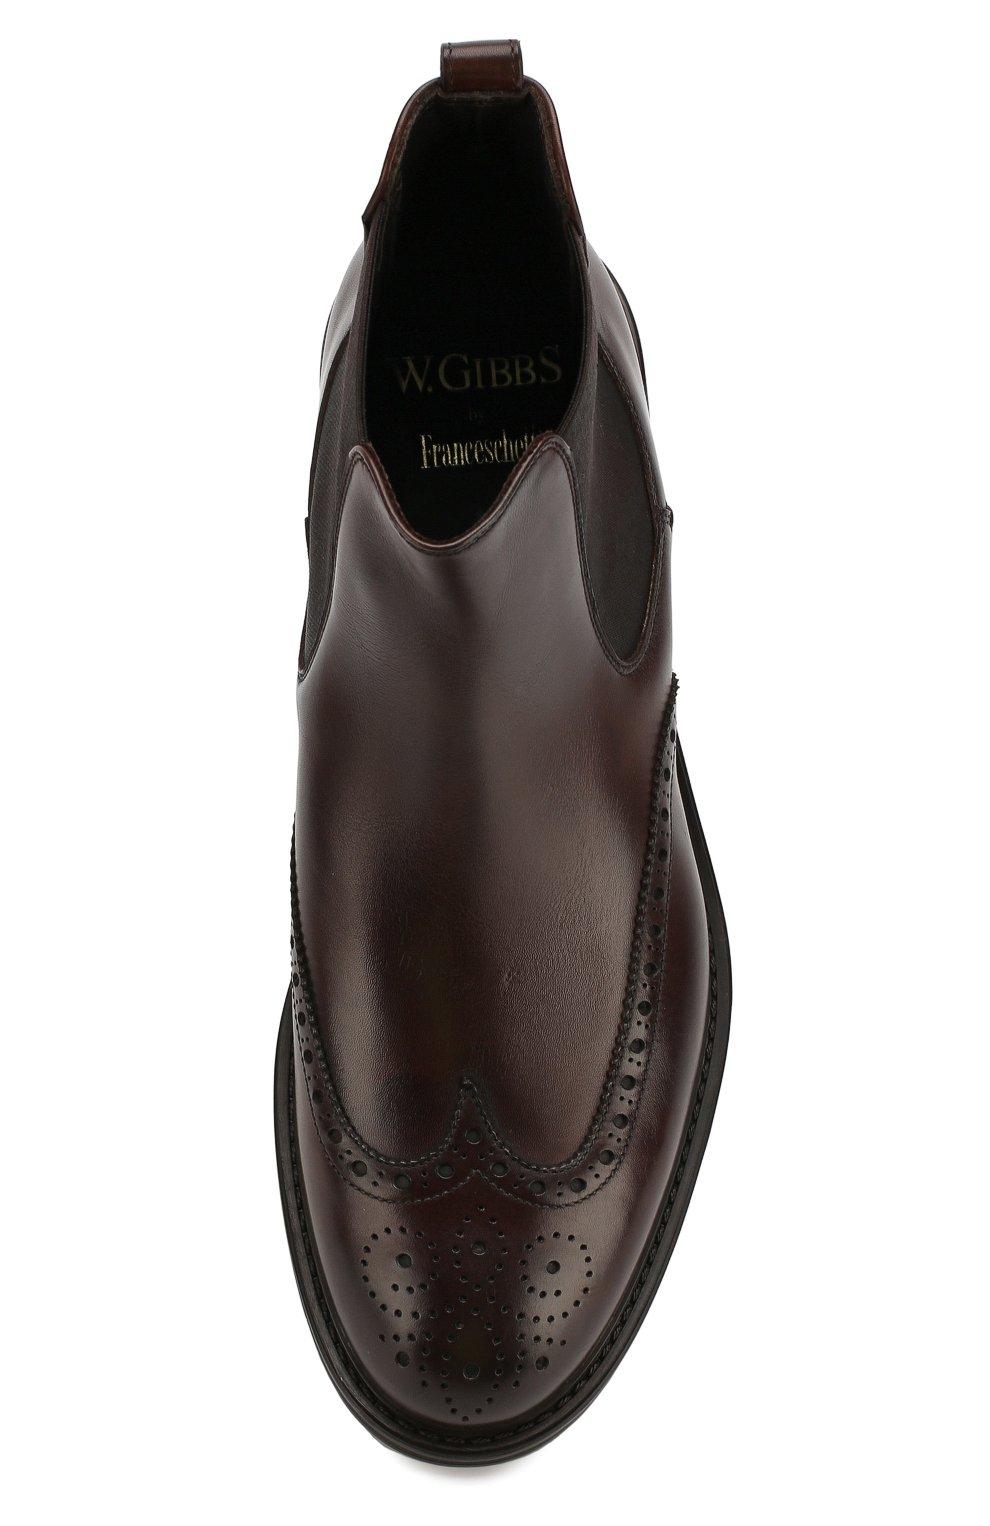 Мужские кожаные челси W.GIBBS темно-коричневого цвета, арт. 3169004/0214 | Фото 5